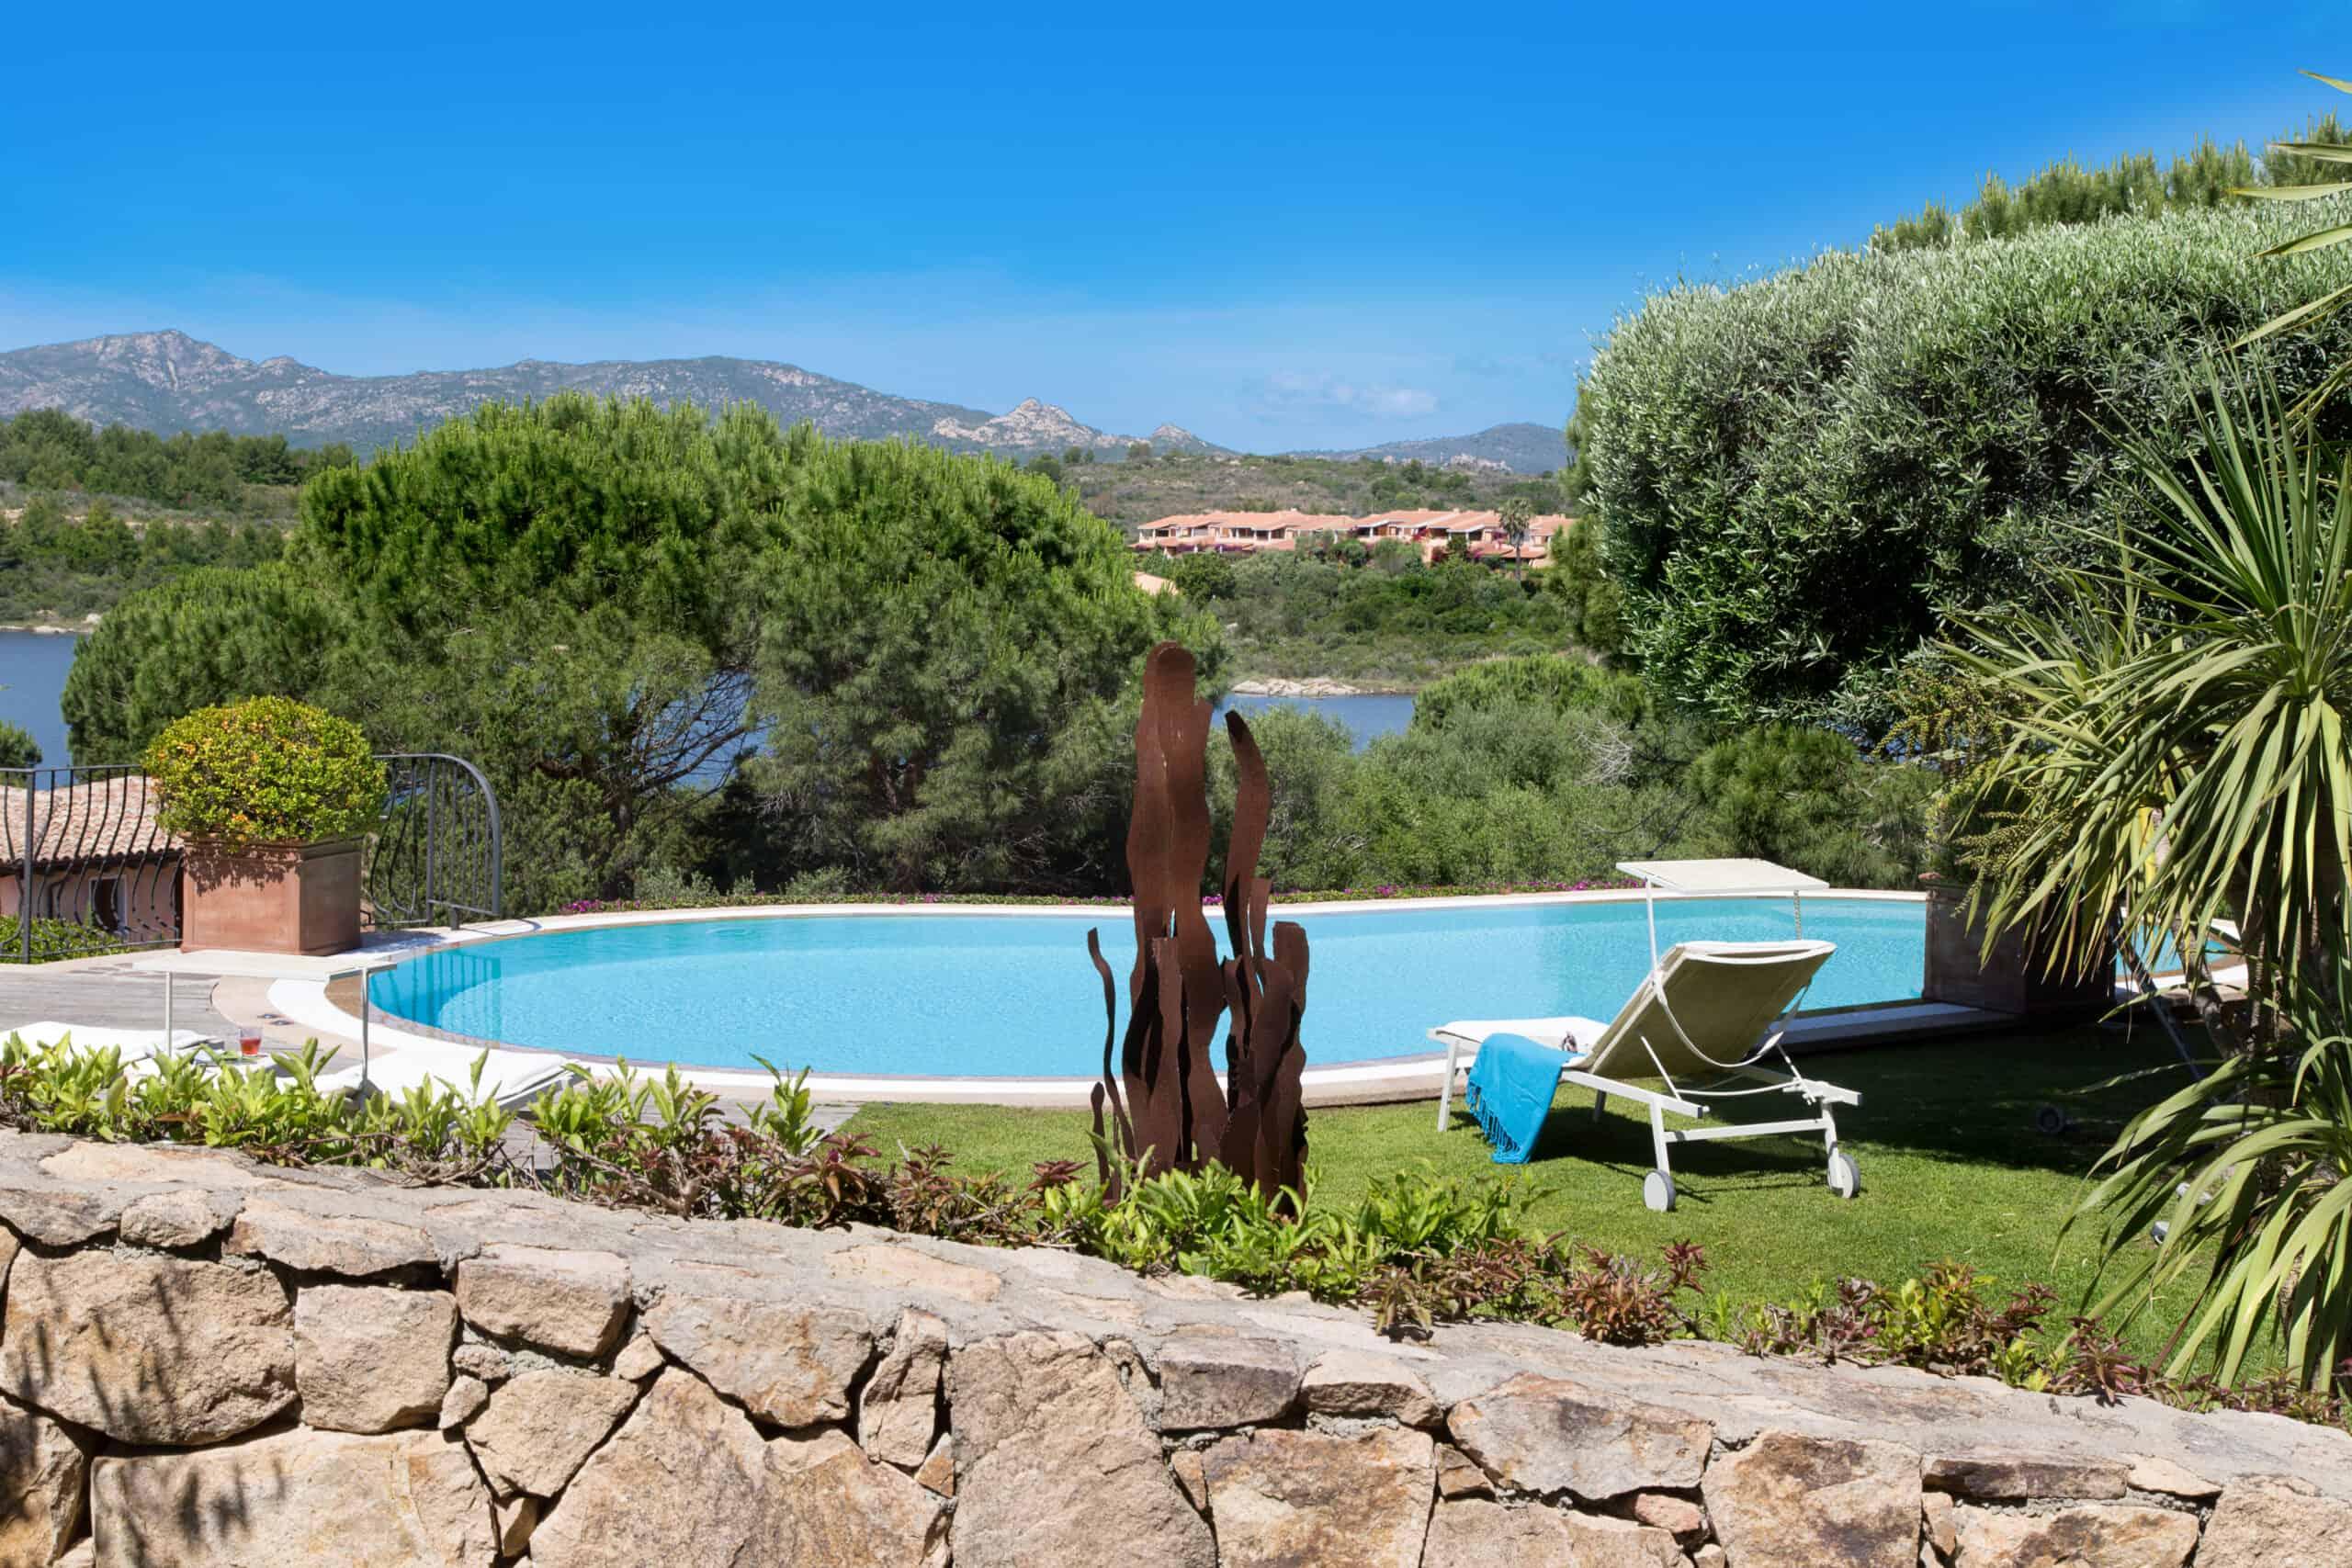 Stupendous Villa For Rent With Pool And Sea View in Capo Coda Cavallo Sardinia ref Clara